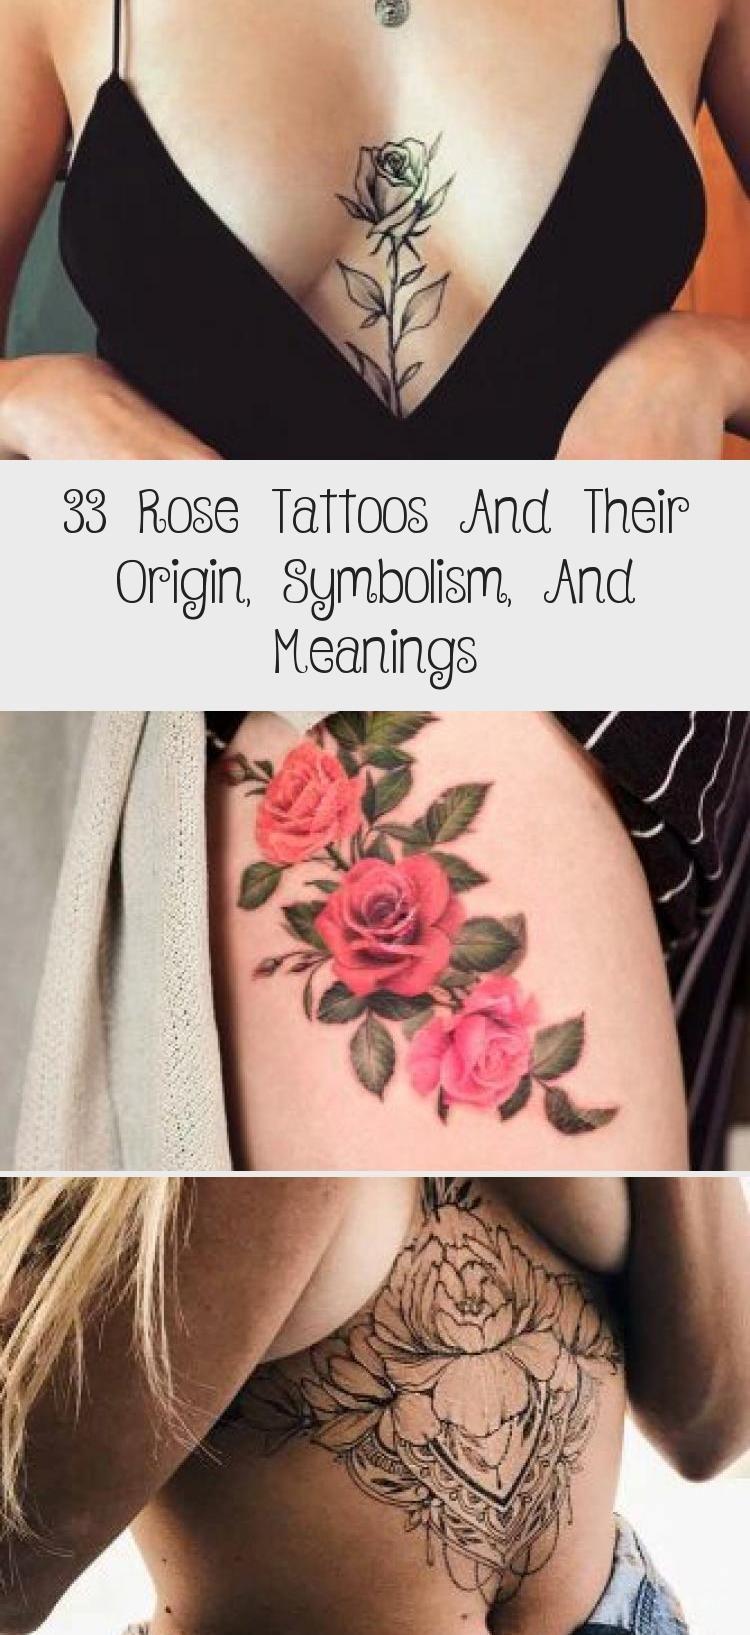 tattoodesignsQuotes